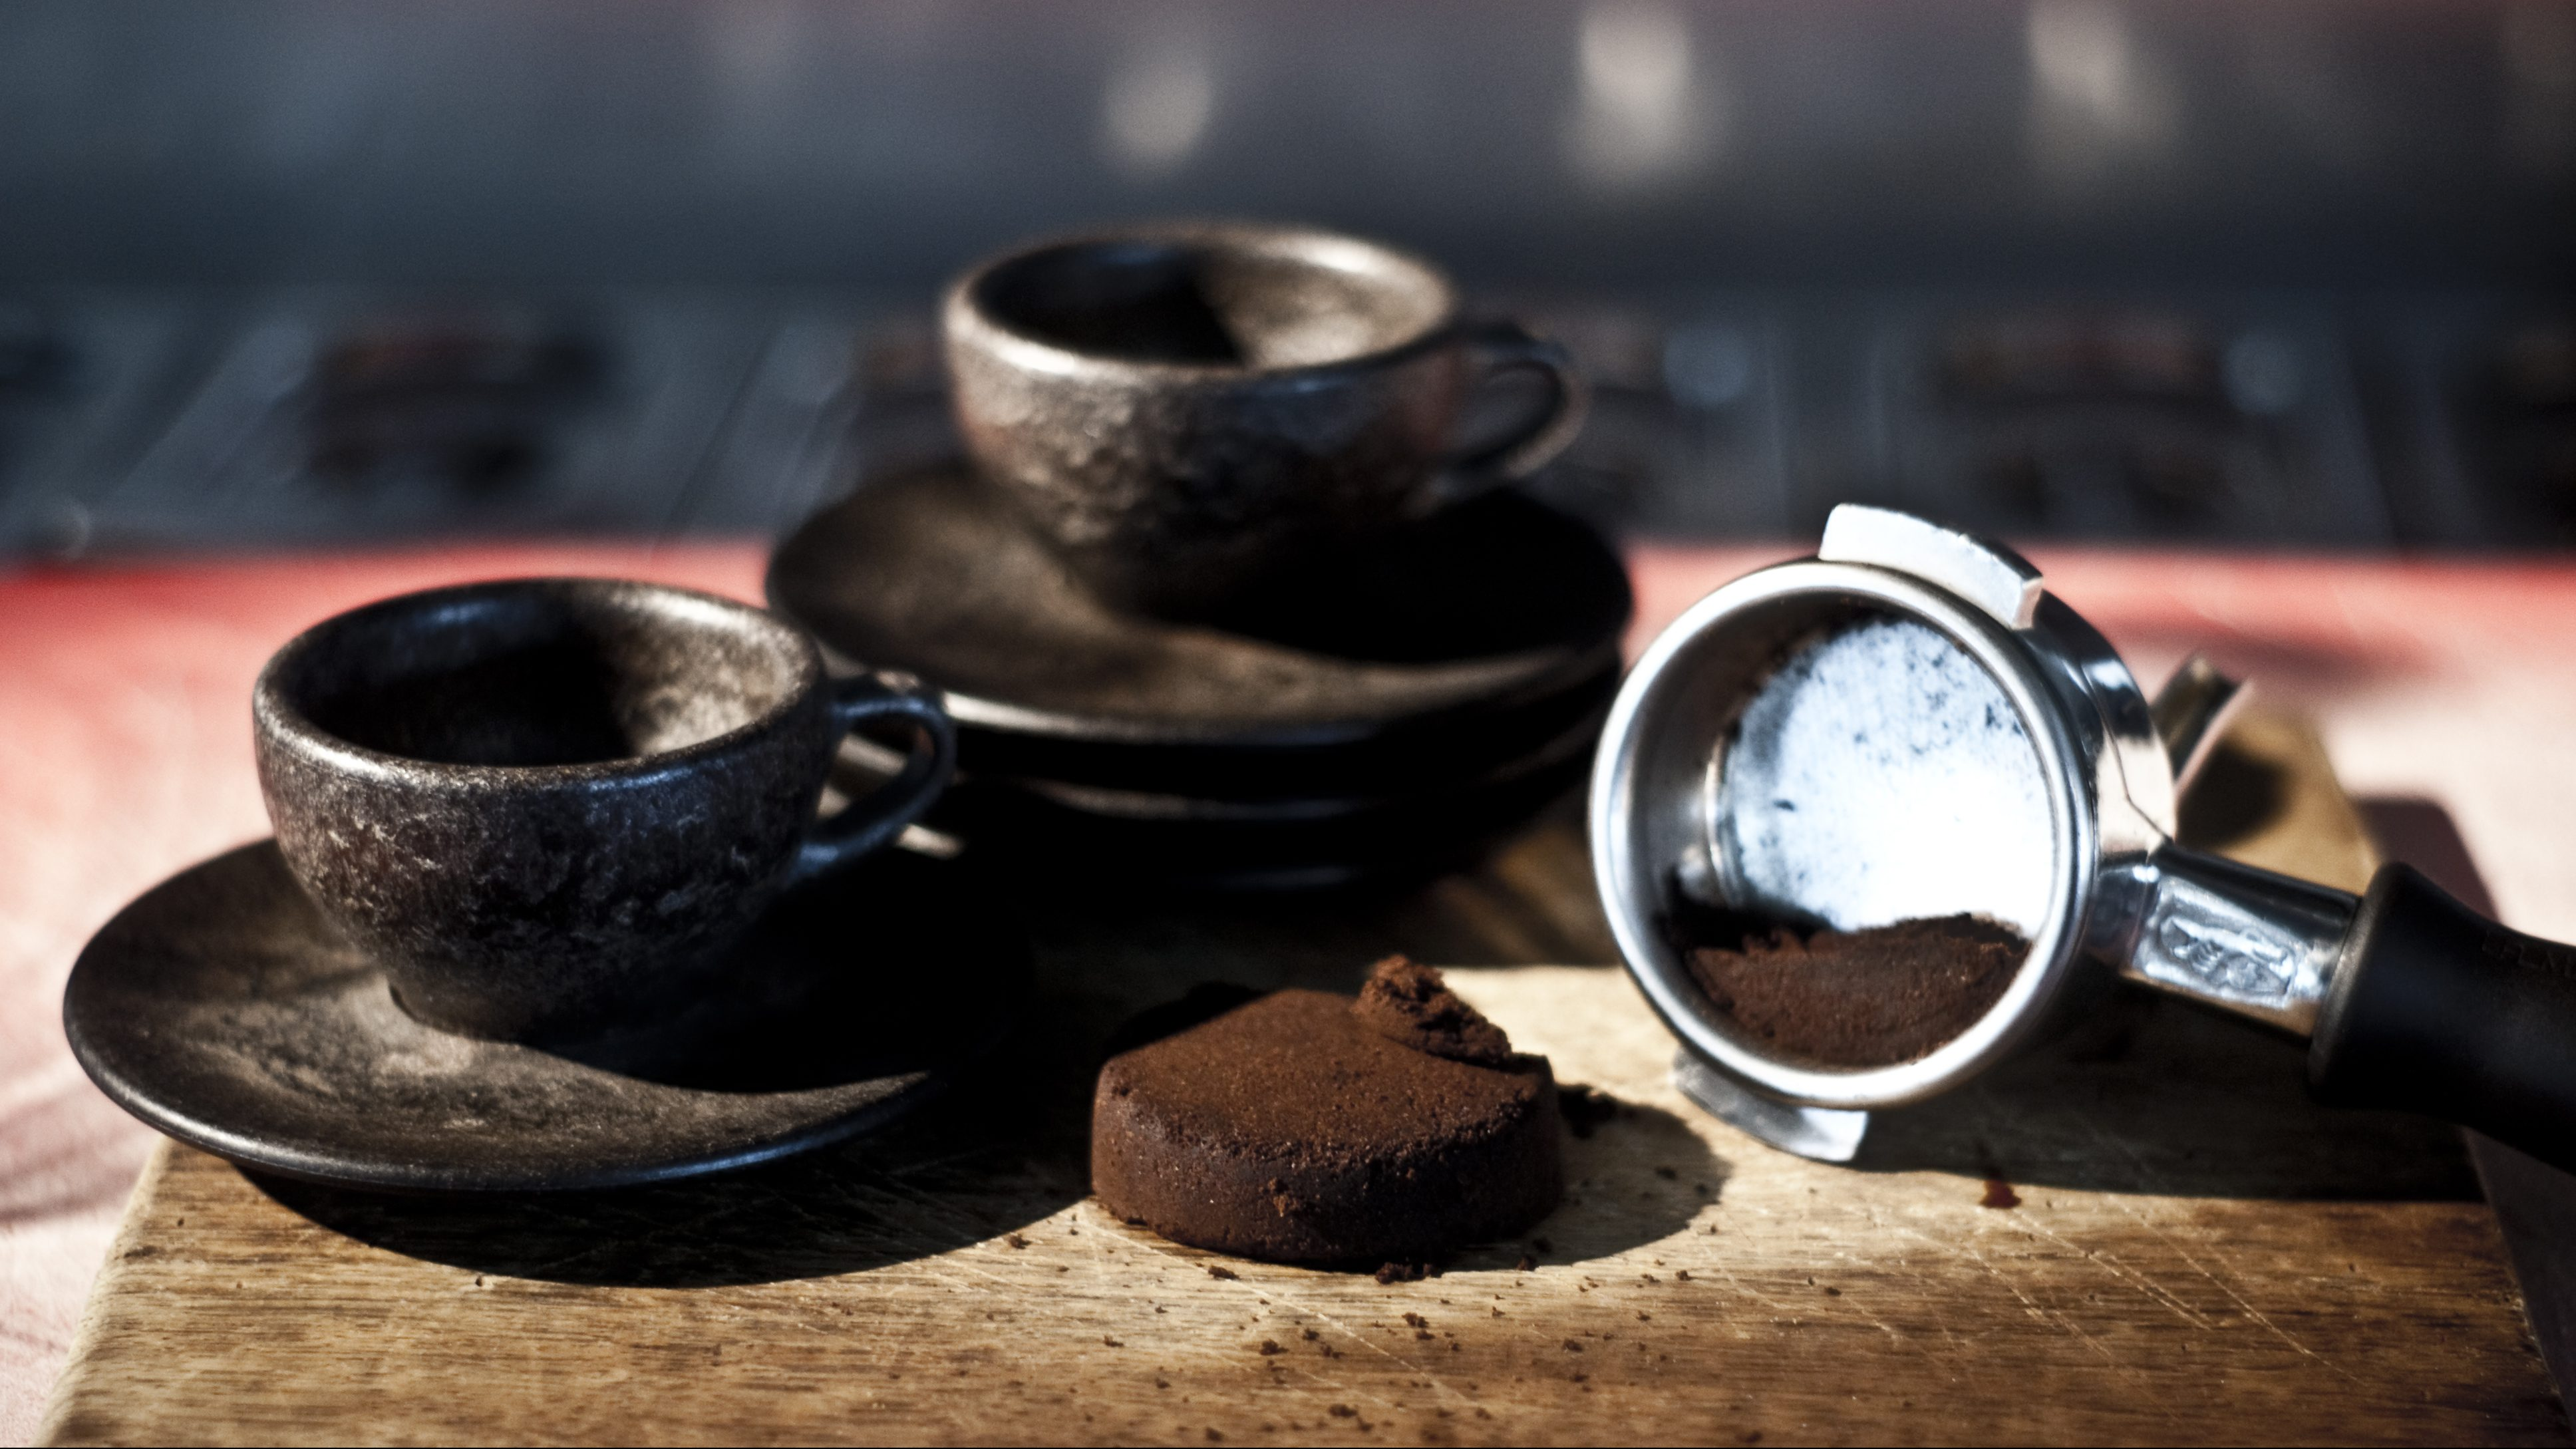 zat de cafea reciclat